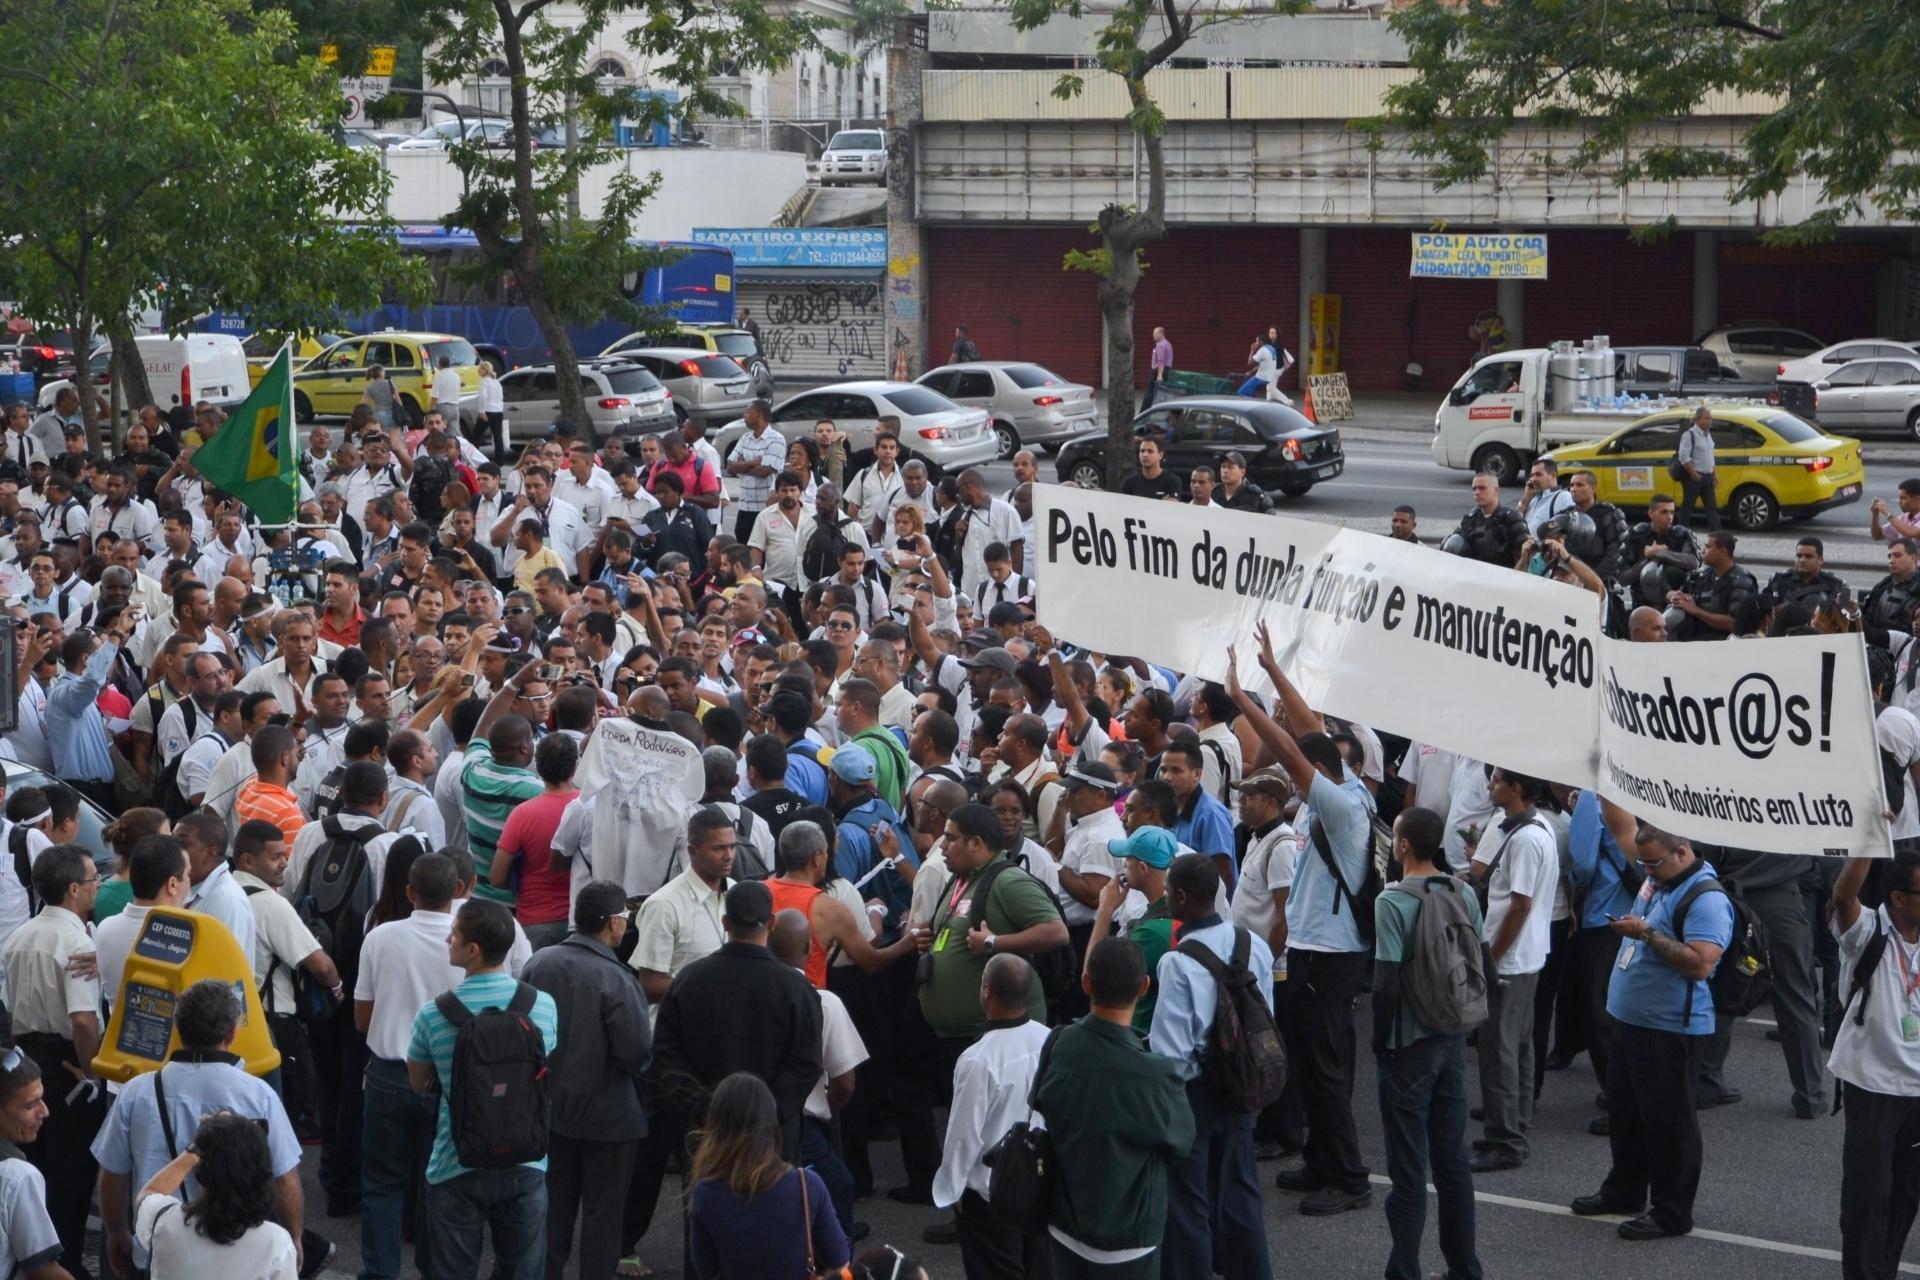 d79edc565bf07 Protestos no Rio de Janeiro - BOL Fotos - BOL Fotos